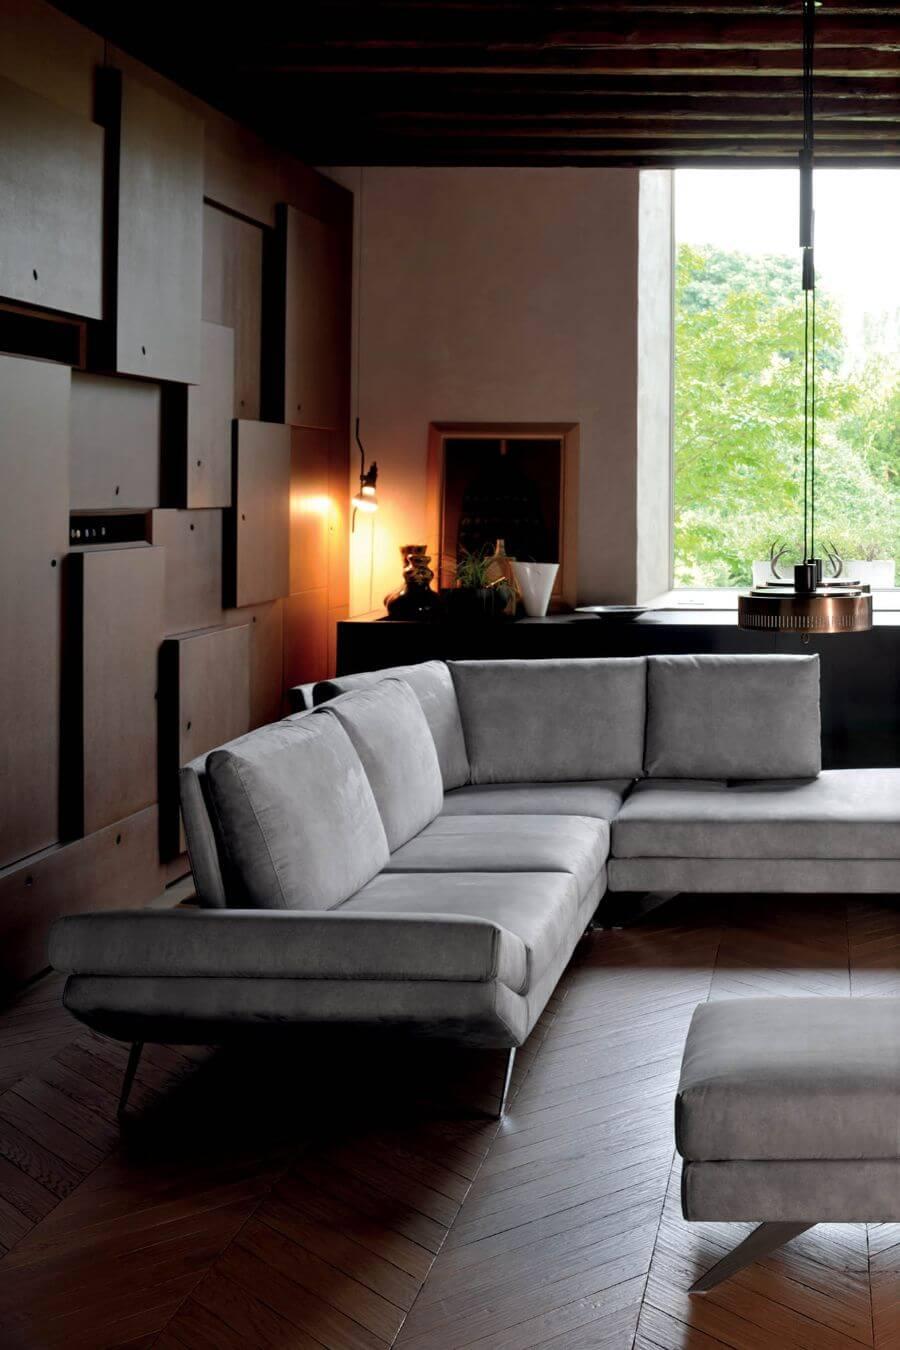 divani-collezione-viola-il-mobile (3)